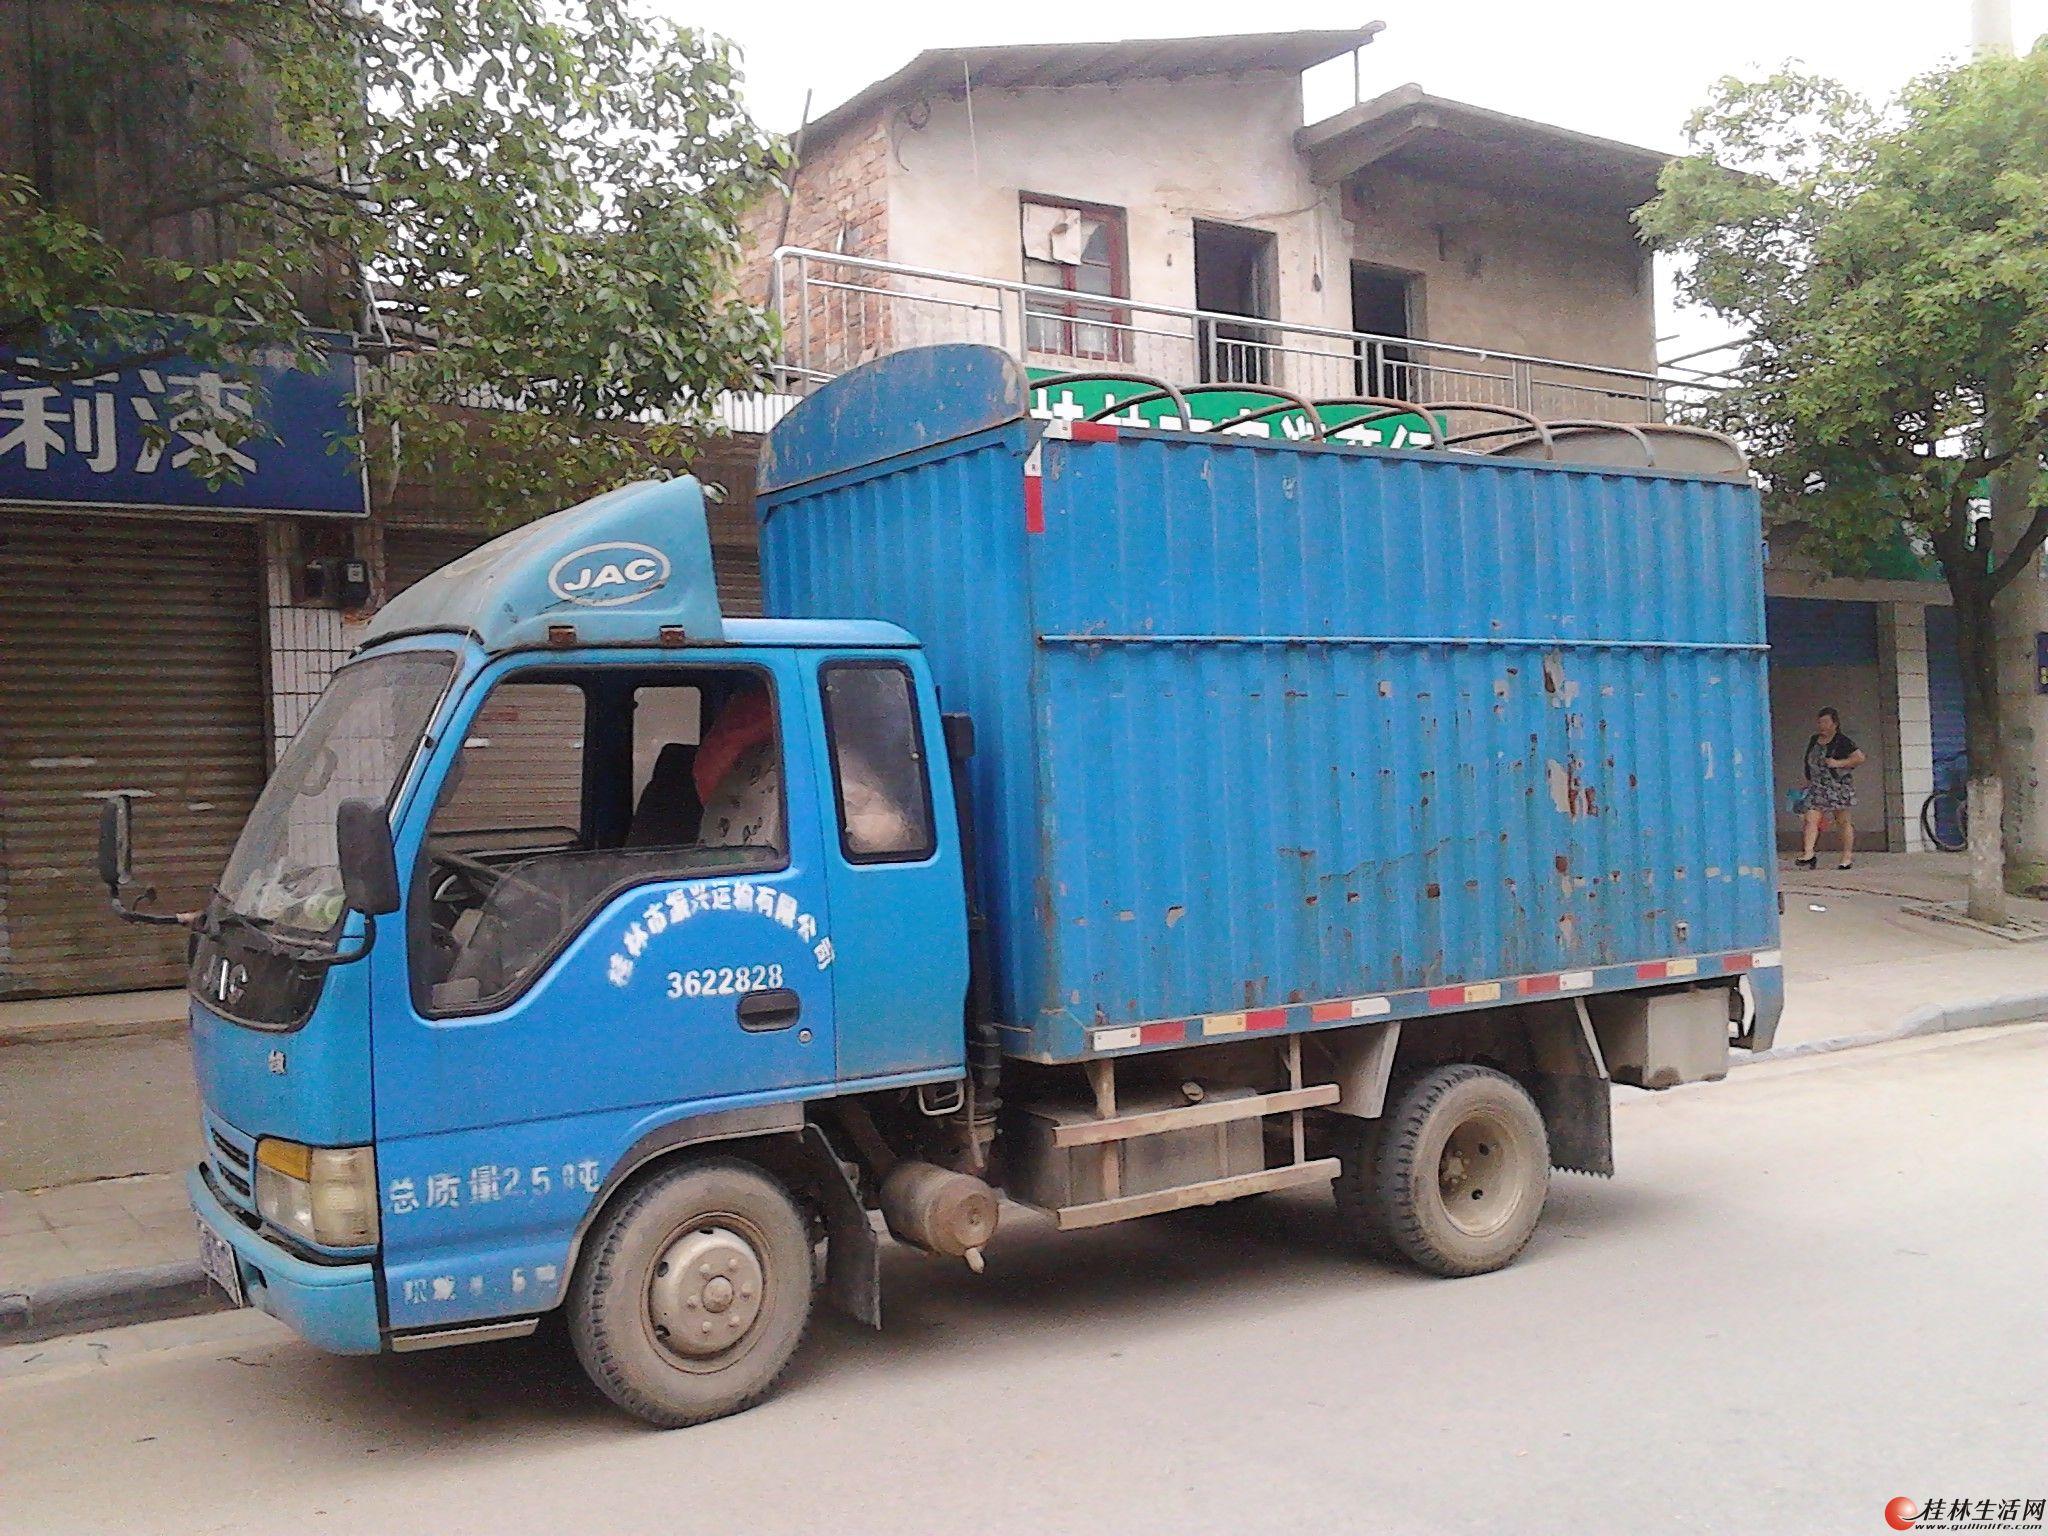 江淮小薇货车,发动机485动力,车厢3米 宽2米 发动机从没修过高清图片